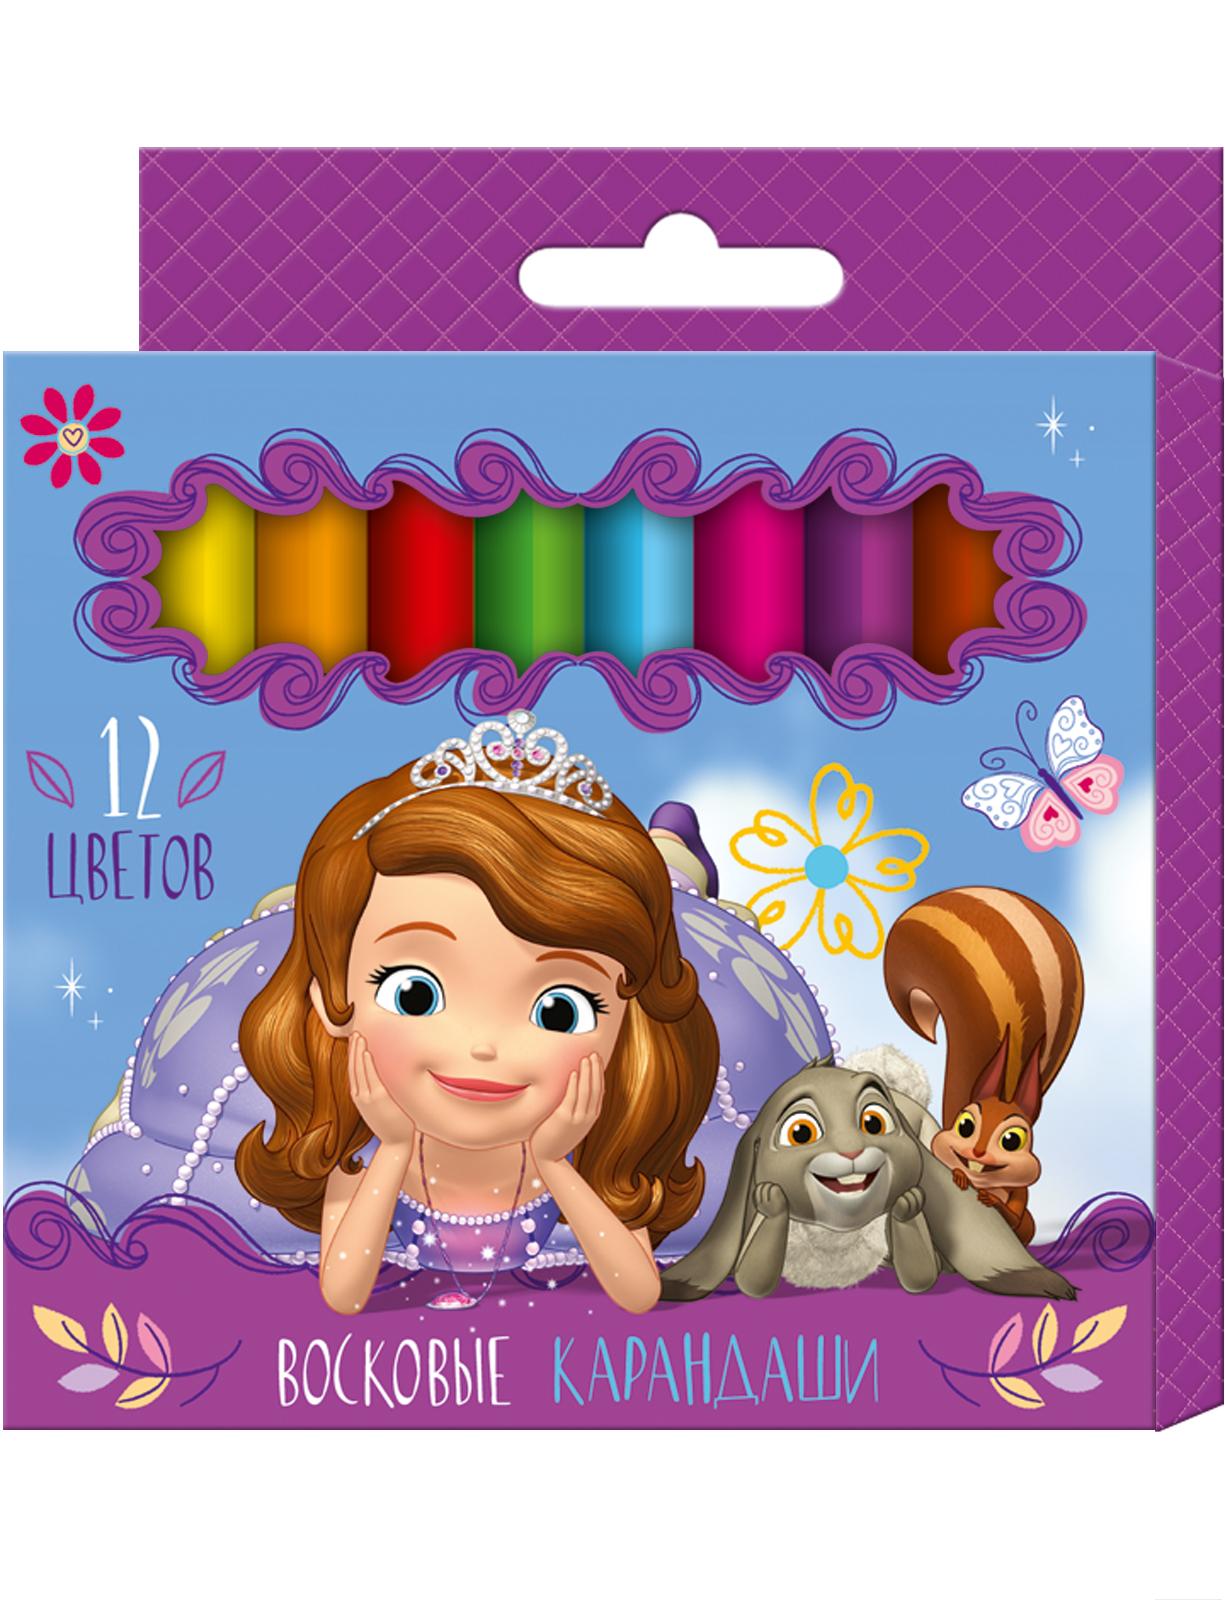 Росмэн Восковые карандаши «Disney София», 12 штук